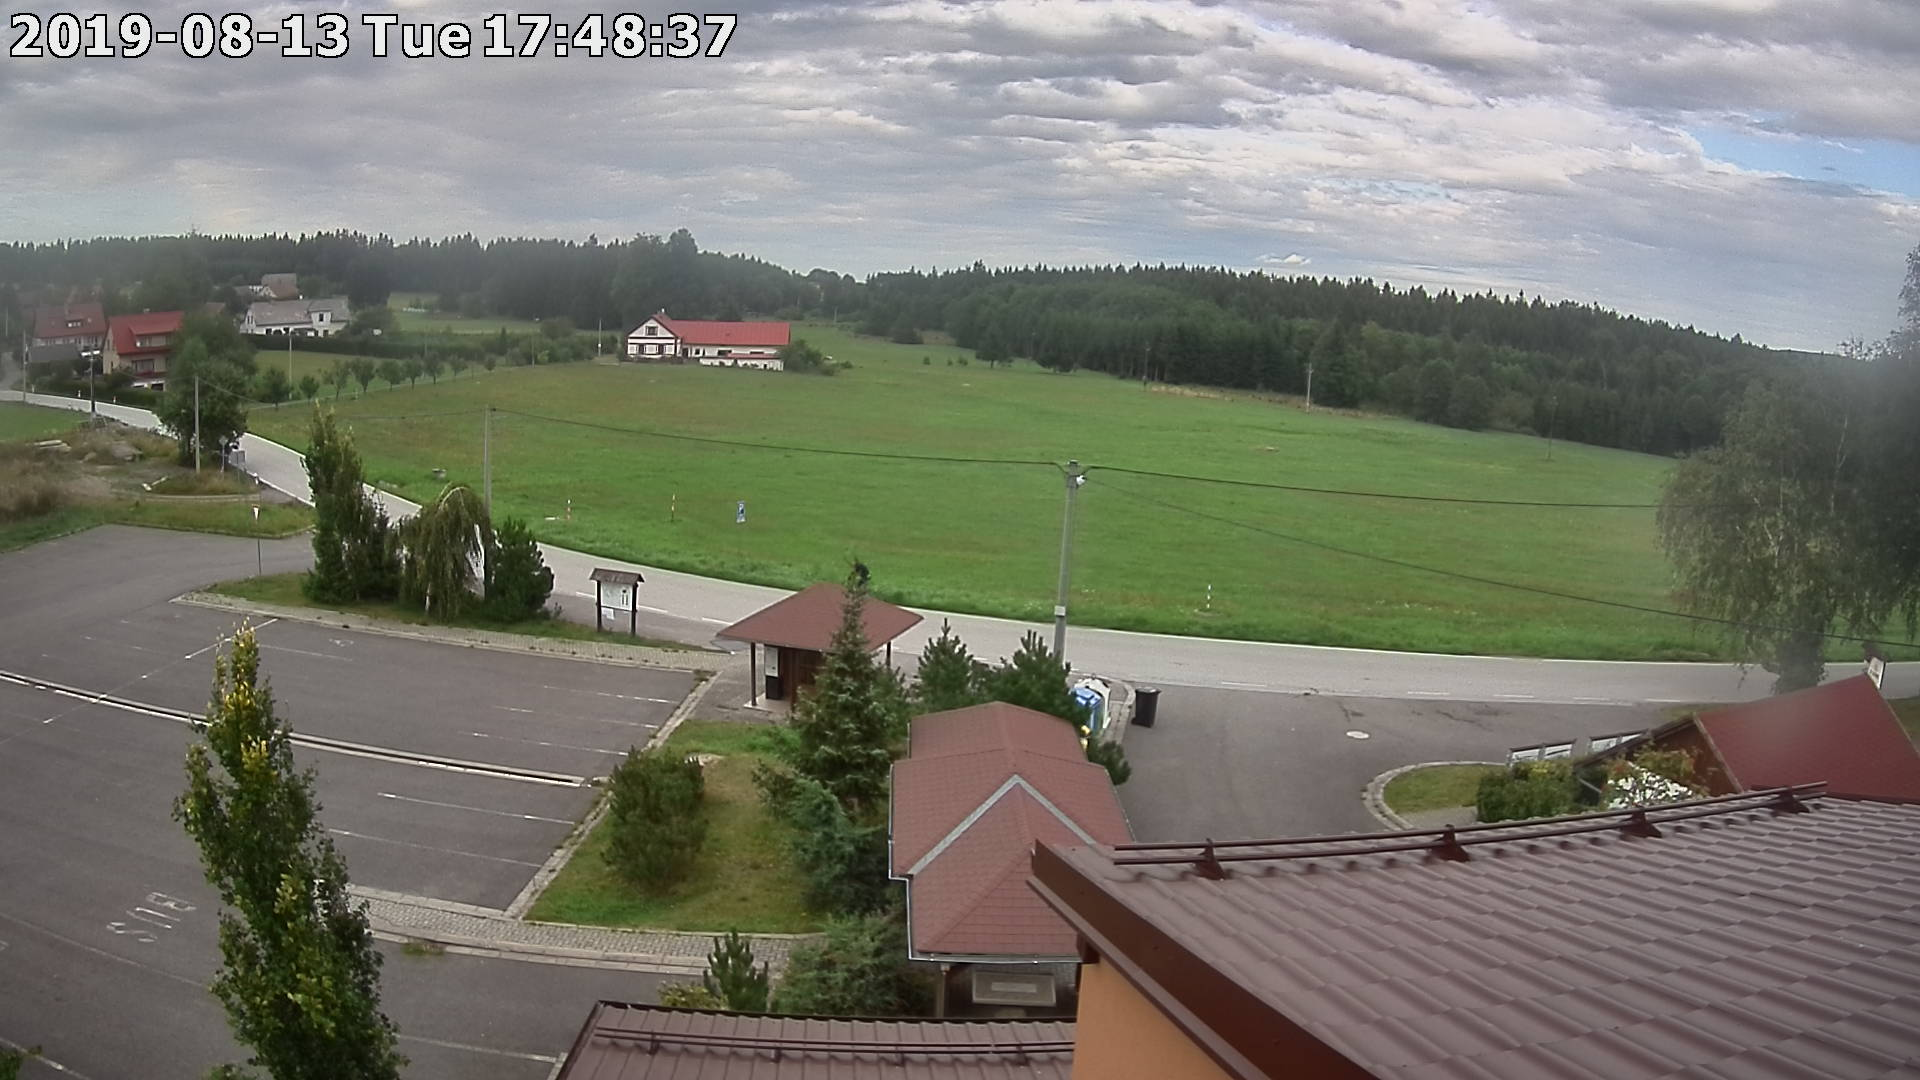 Webkamera ze dne 2019-08-13